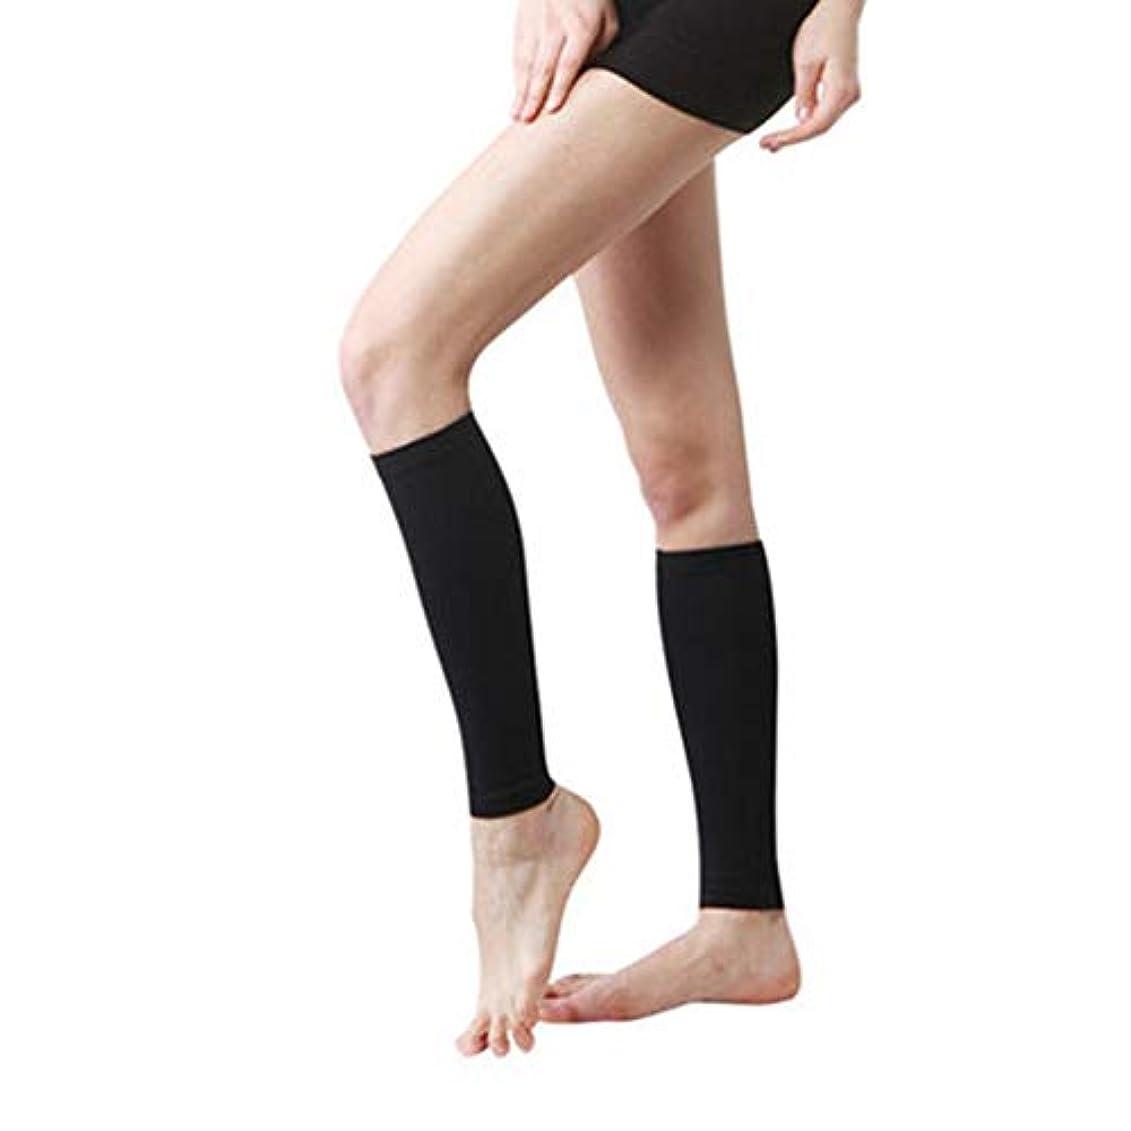 簡略化するレジきちんとした丈夫な男性女性プロの圧縮靴下通気性のある旅行活動看護師用シンススプリントフライトトラベル - ブラック